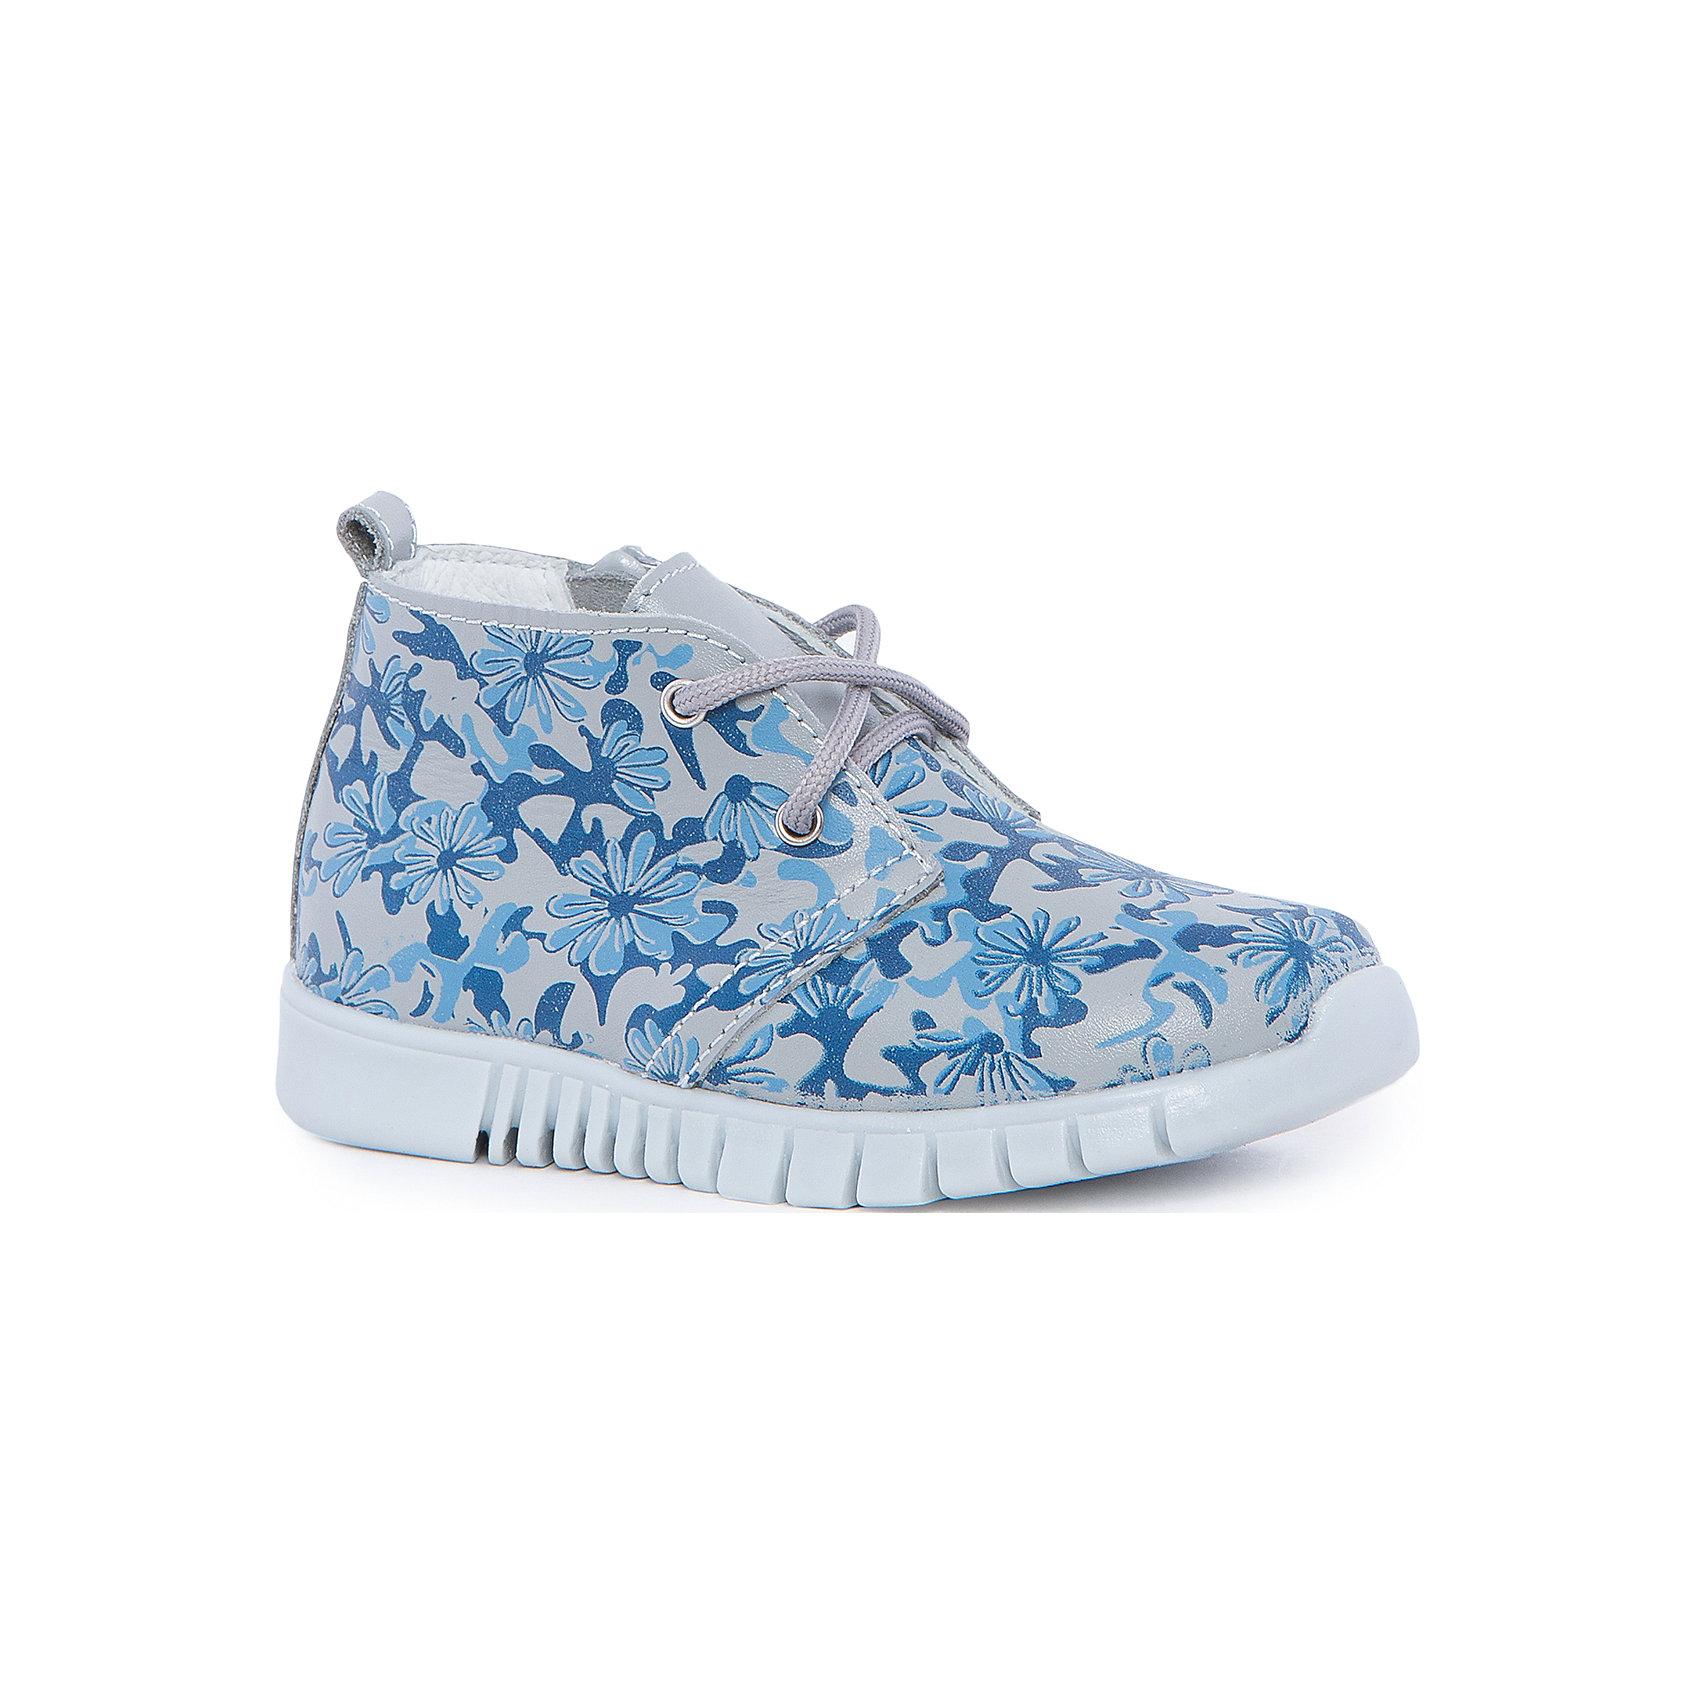 Ботинки для девочки КотофейБотинки<br>Котофей – качественная и стильная детская обувь по доступным ценам. С каждым днем популярность бренда растет.  Летние ботиночки полюбятся всем девочкам. Натуральные материалы и стильный дизайн образуют данную модель из коллекции нового сезона. Интересный принт в цветок делает модель одновременно оригинальной и нежной. Универсальный дизайн позволит создать множество образов.<br><br>Дополнительная информация:<br><br>цвет: серо - синий;<br>крепление: клеевое;<br>застежка: шнурки;<br>температурный режим: от +10°С до +20° С.<br><br>Состав:<br>верх – кожа;<br>подкладка – кожподклад;<br>материал подошвы – ТЭП.<br><br>Летние ботиночки для девочек  дошкольного возраста из натуральной кожи от фирмы Котофей можно приобрести у нас в магазине.<br><br>Ширина мм: 262<br>Глубина мм: 176<br>Высота мм: 97<br>Вес г: 427<br>Цвет: серый/синий<br>Возраст от месяцев: 60<br>Возраст до месяцев: 72<br>Пол: Женский<br>Возраст: Детский<br>Размер: 29,27,28,25,26<br>SKU: 4982136